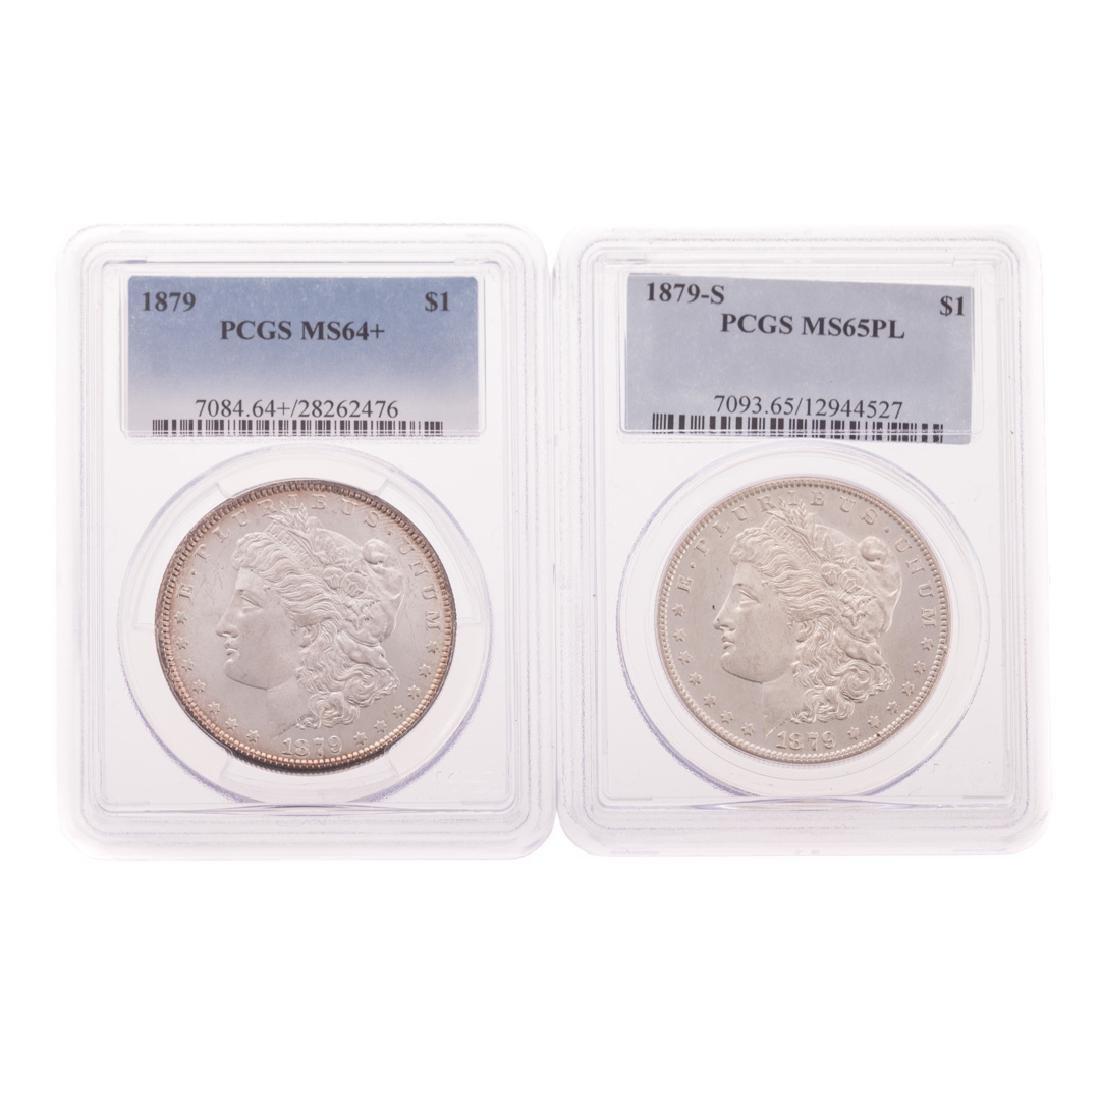 [US] 1879 PCGS MS64+ & 1879-S PCGS MS65PL